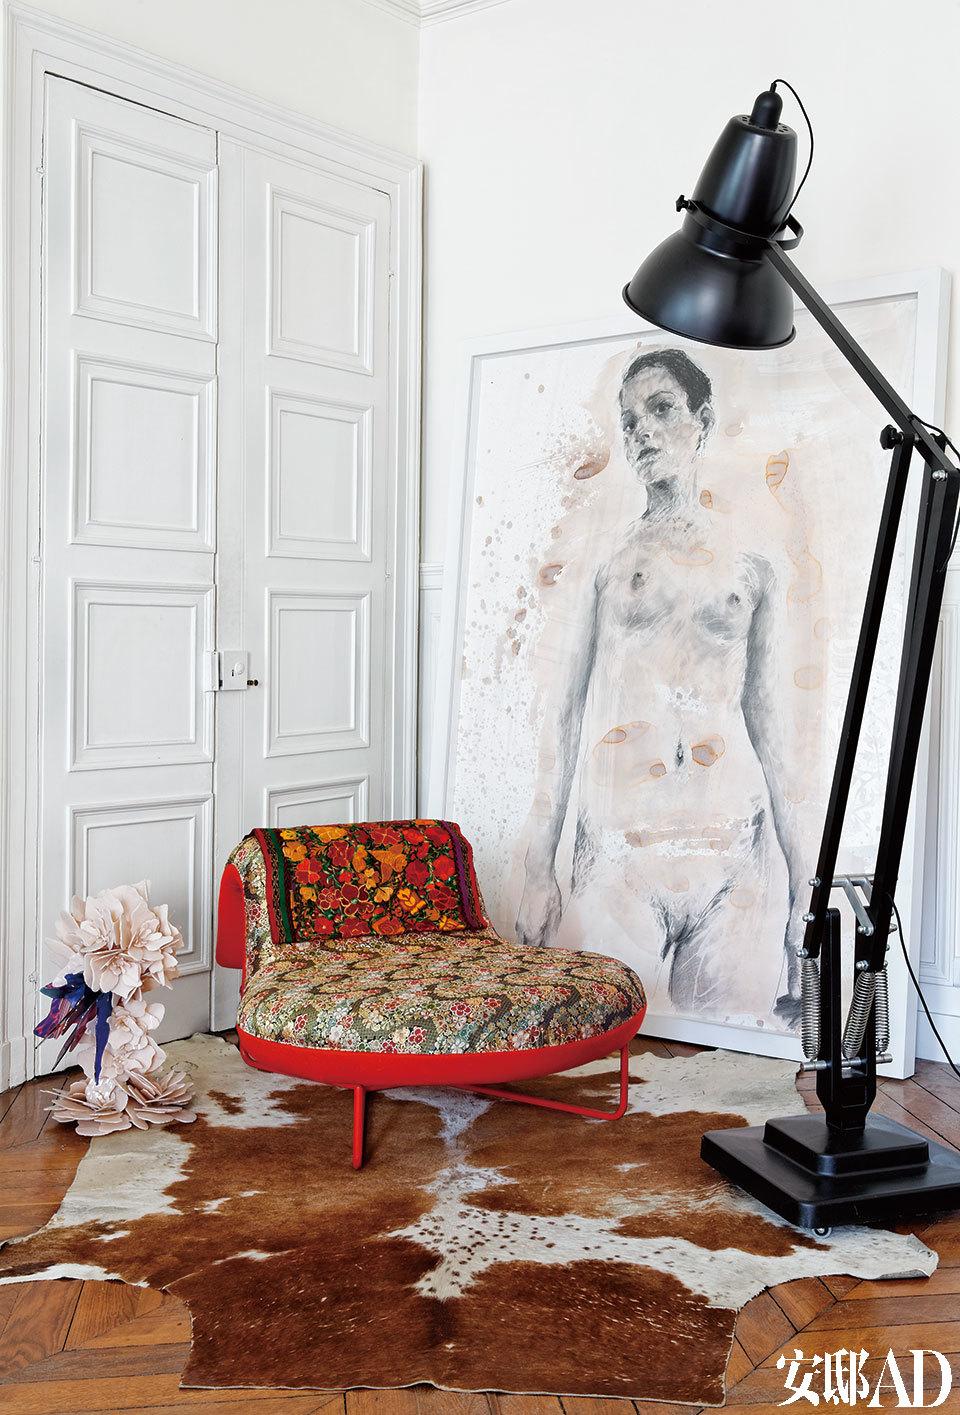 艺术气息与生命活力弥漫于整个空间,优秀的艺术品与设计为这里带来明朗的个性。靠在墙上的是一幅出自Philippe Pasqua的绘画作品。在Tomita Kazuhiko为Moroso设计的作品Futon旁边,是Nathalie Pasqua创作的肉色枝形吹制玻璃壁灯One Skin。房间里还摆放着George Carwardine为Anglepoise设计的落地灯XXL Giant 1227。